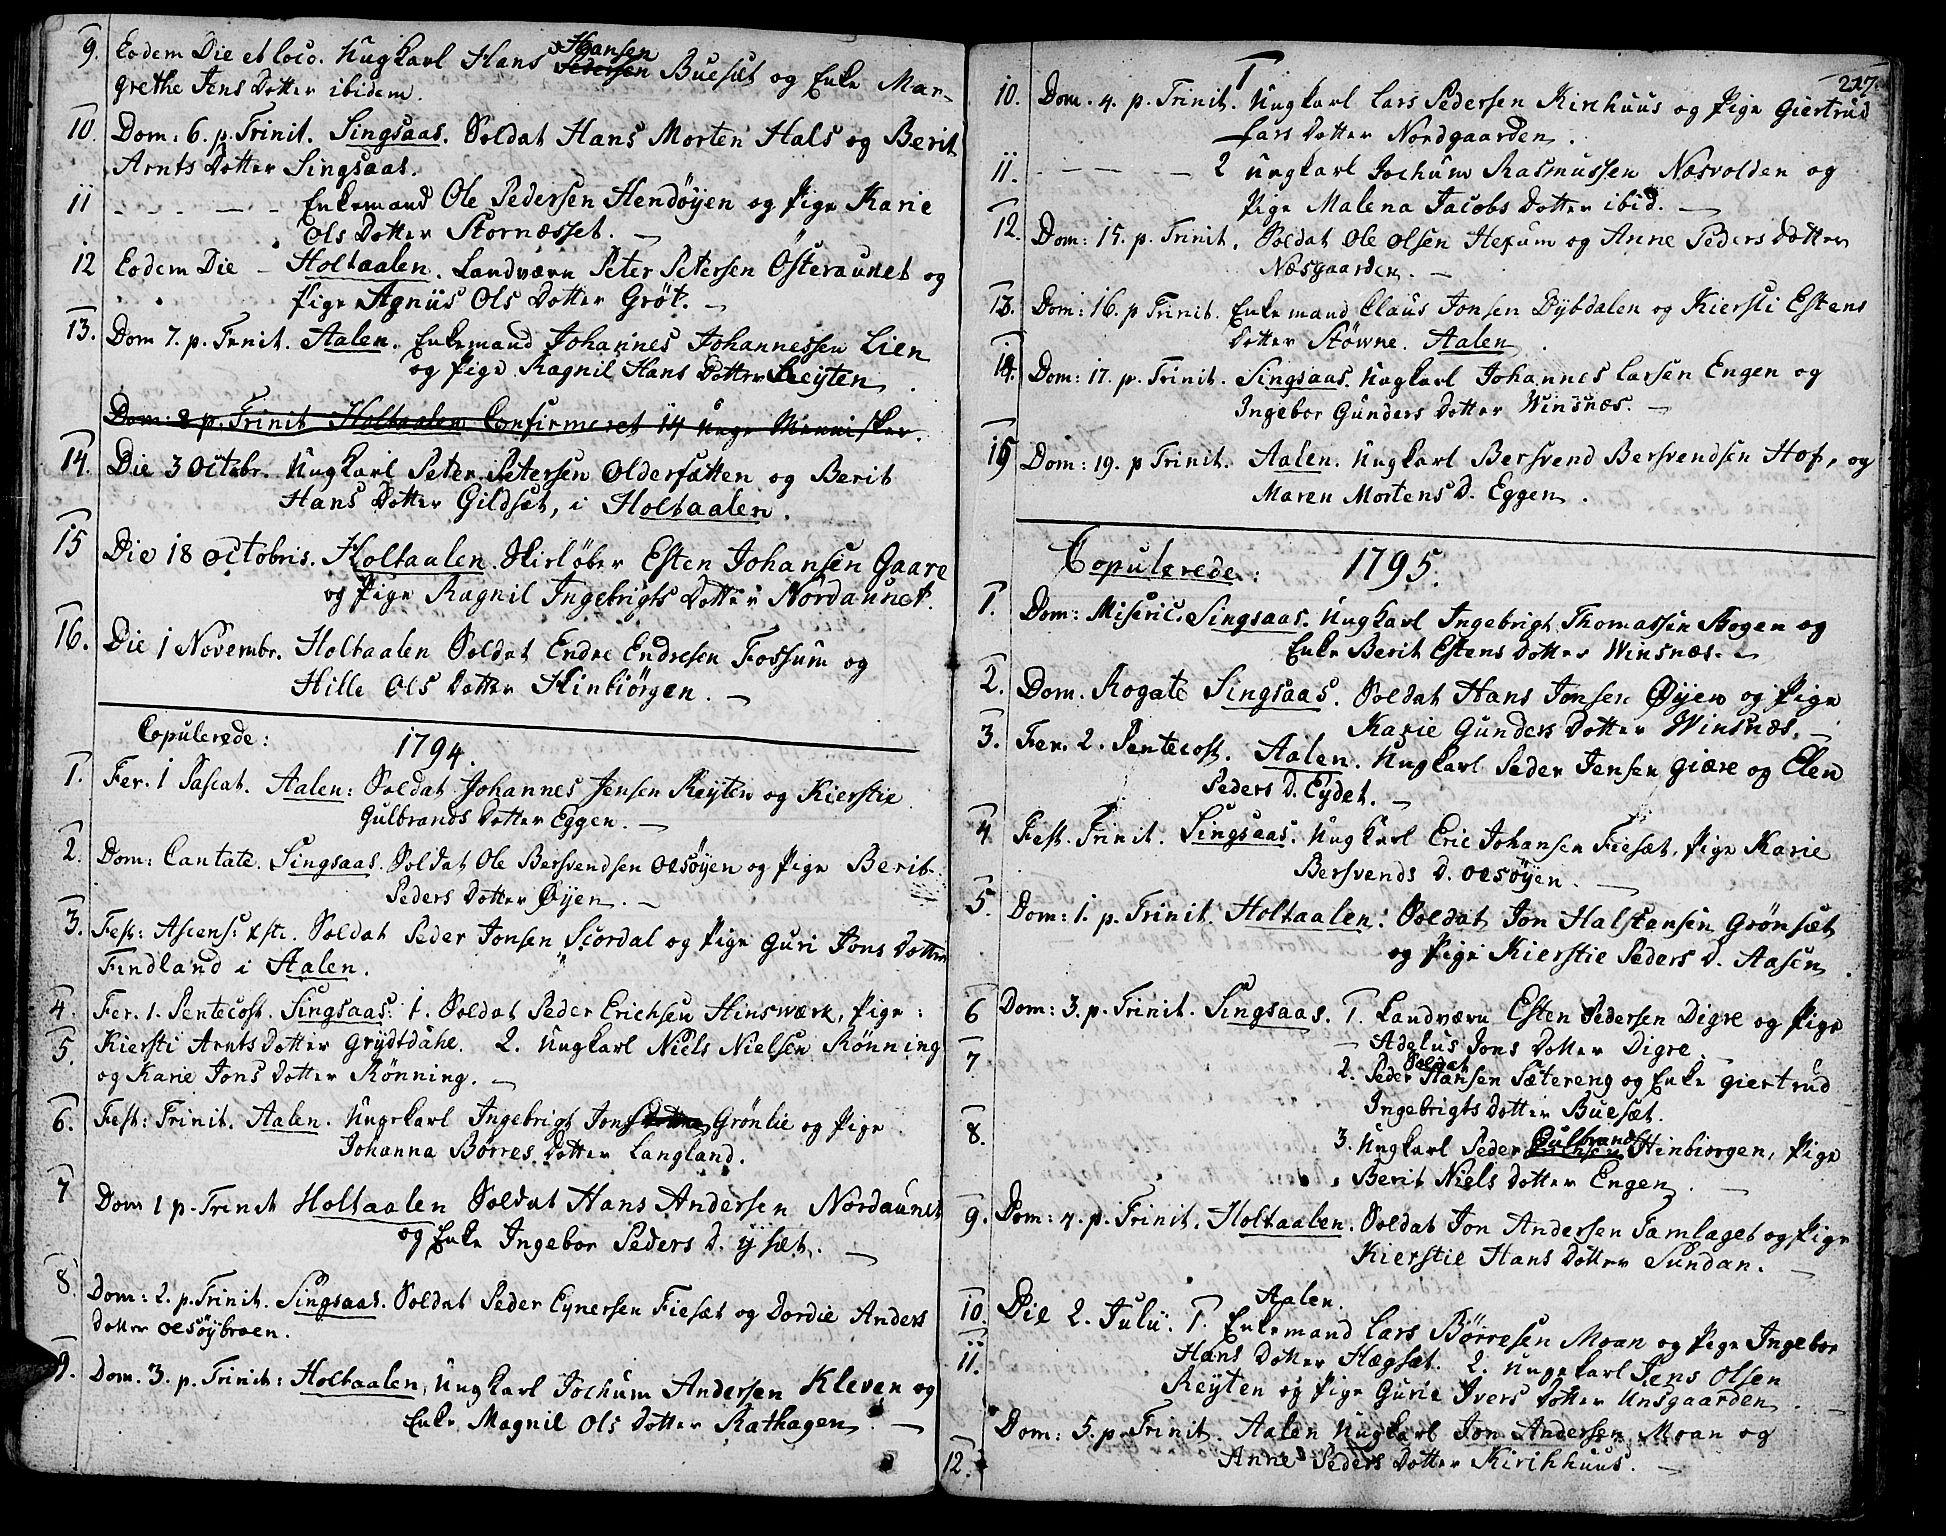 SAT, Ministerialprotokoller, klokkerbøker og fødselsregistre - Sør-Trøndelag, 685/L0952: Ministerialbok nr. 685A01, 1745-1804, s. 217